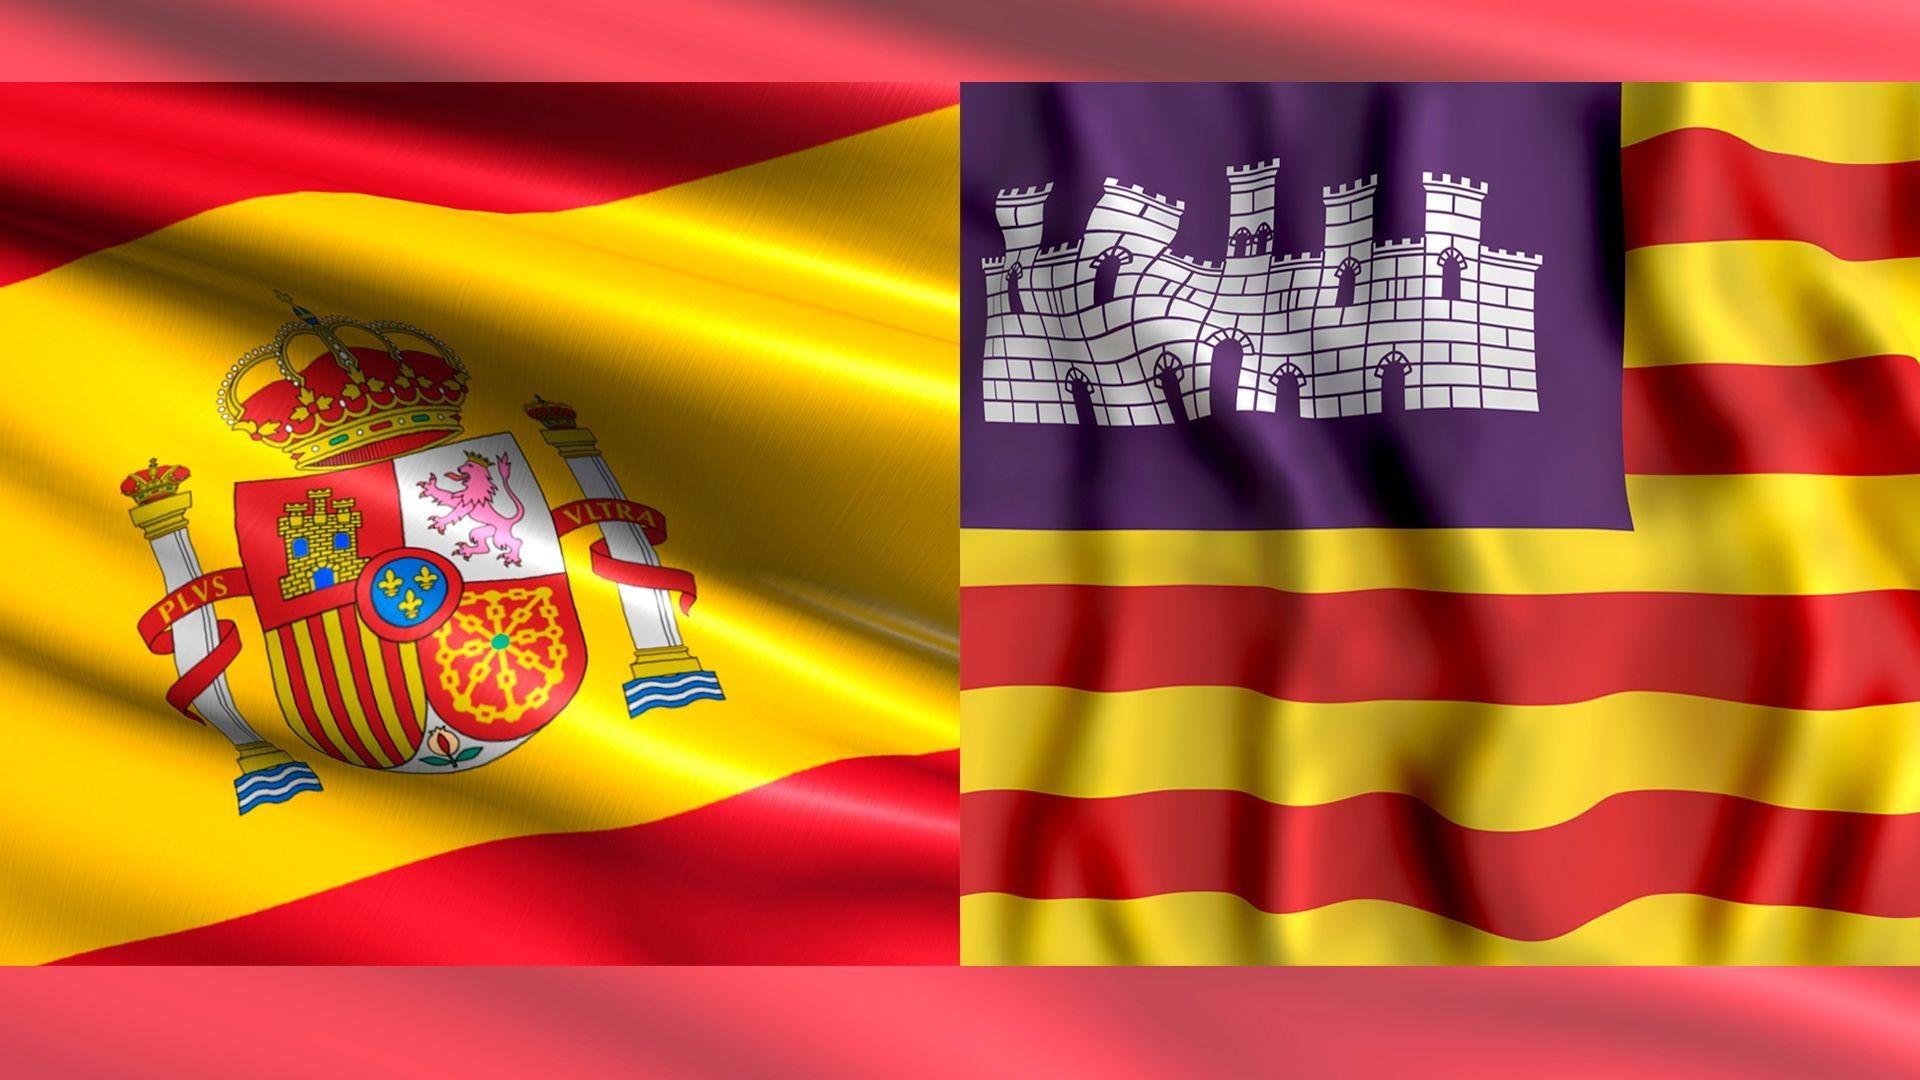 Partido político mallorquín y español constitucionalista